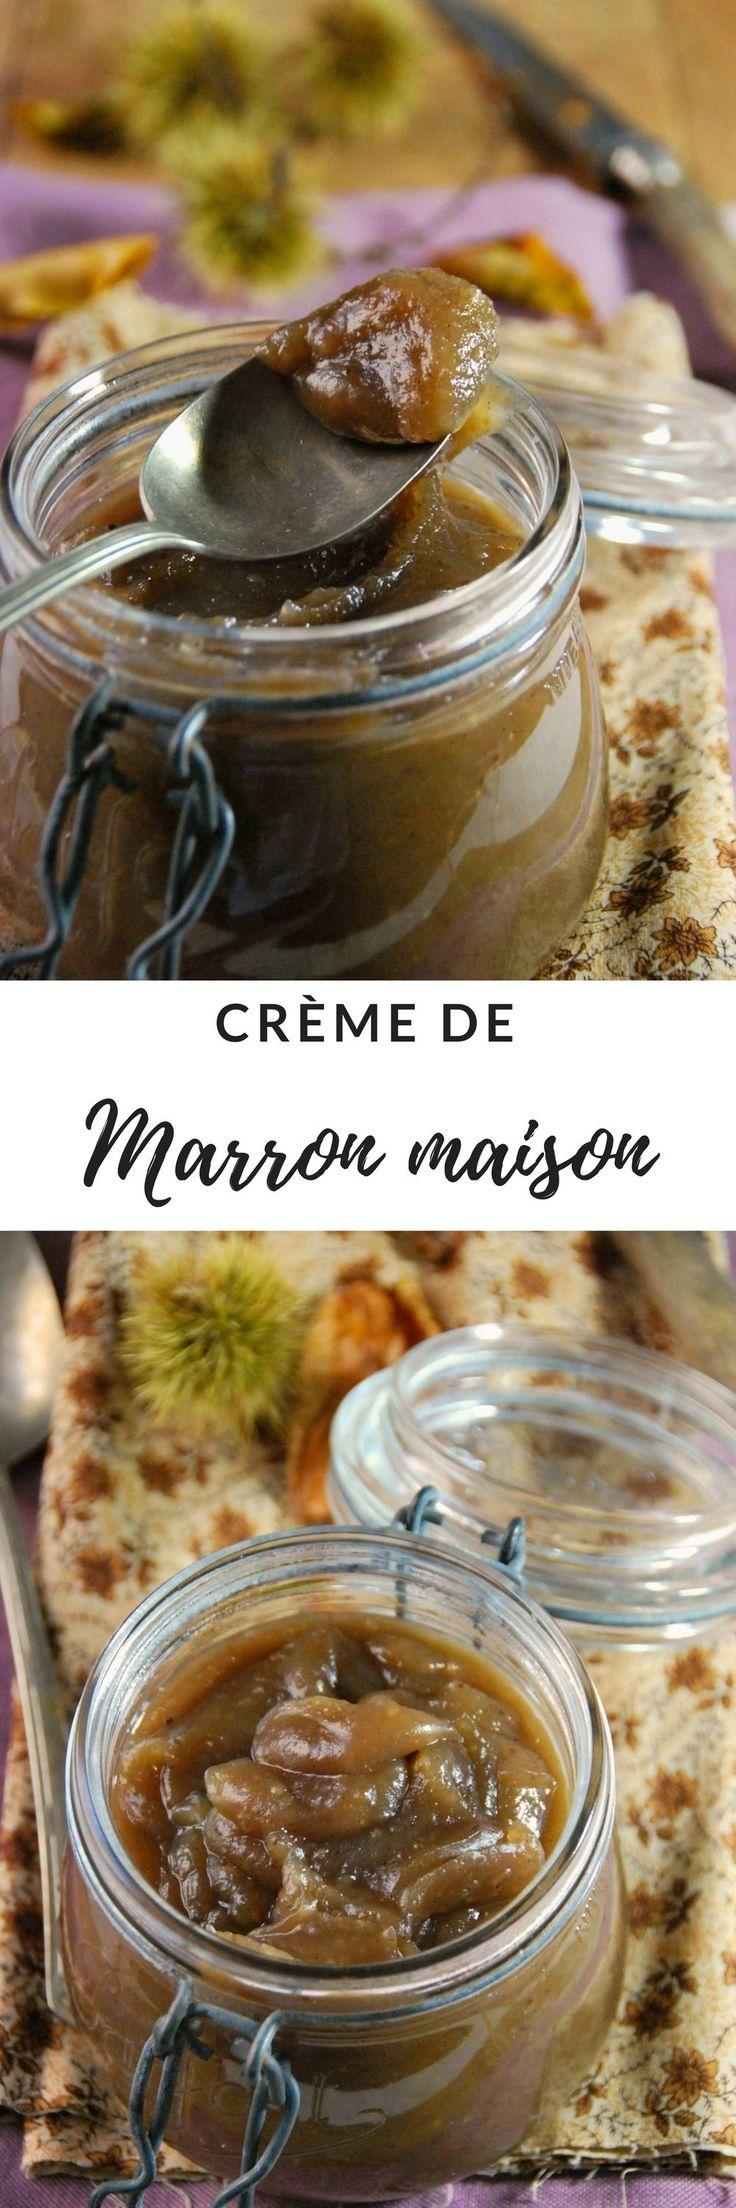 Crème de marron maison à la vanille